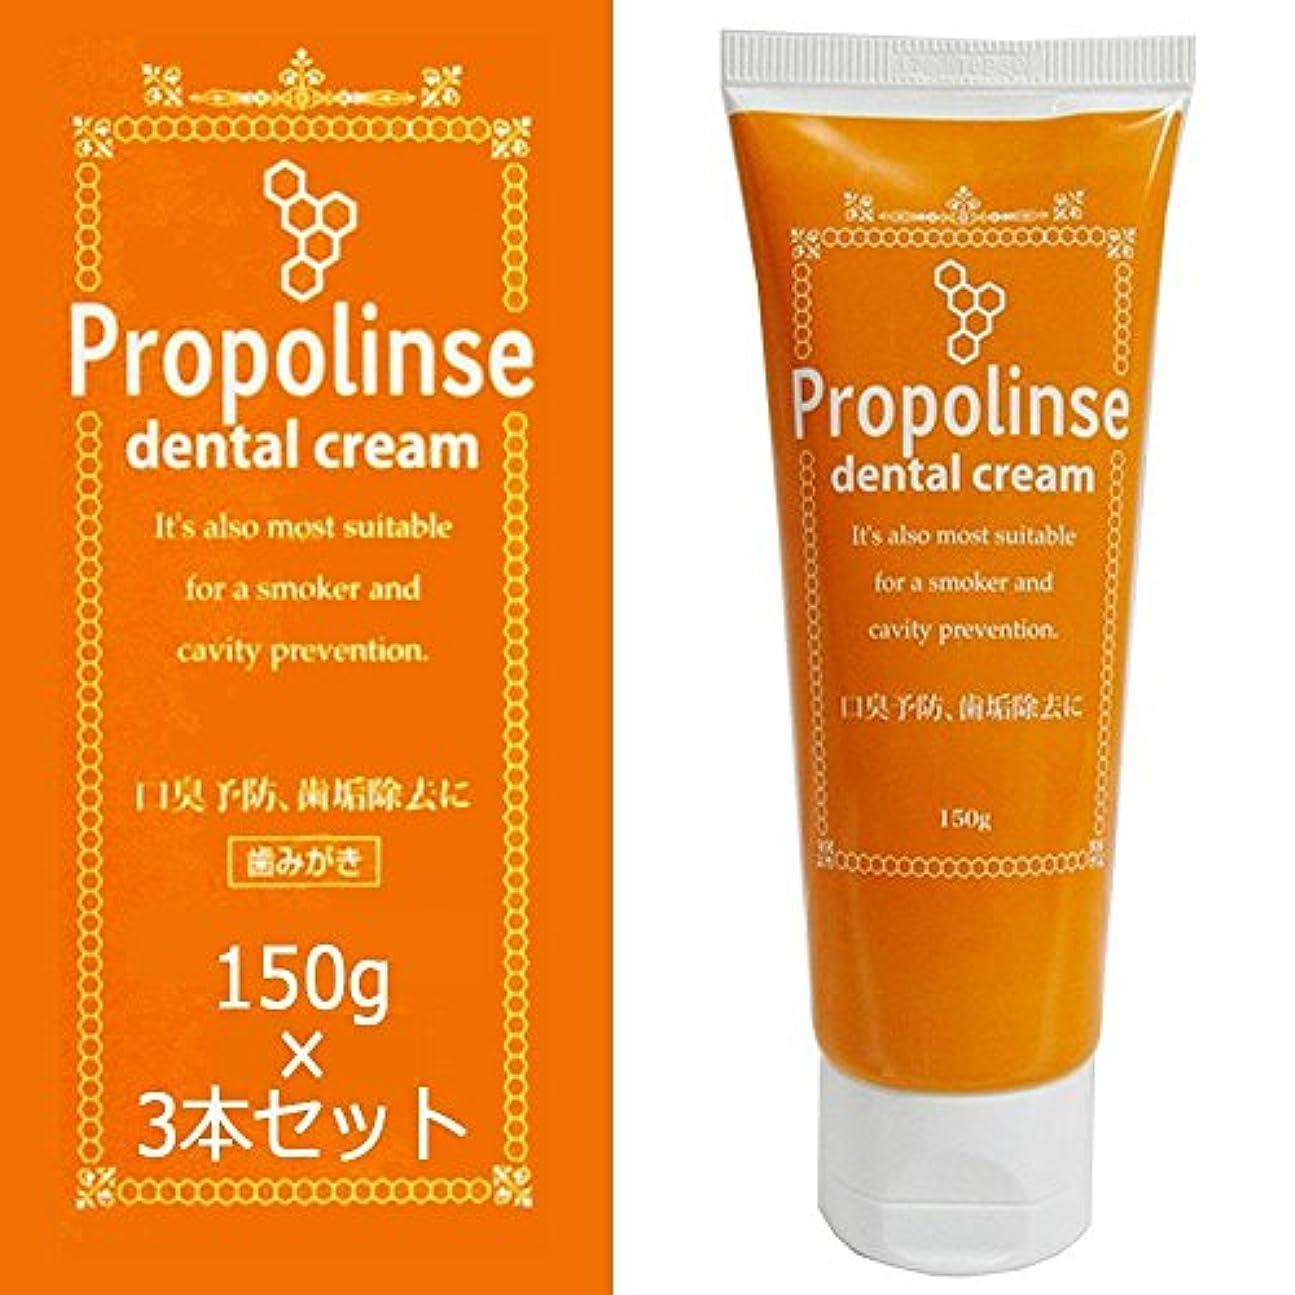 プロポリンス デンタルクリーム(歯みがき) 150g×3個セット